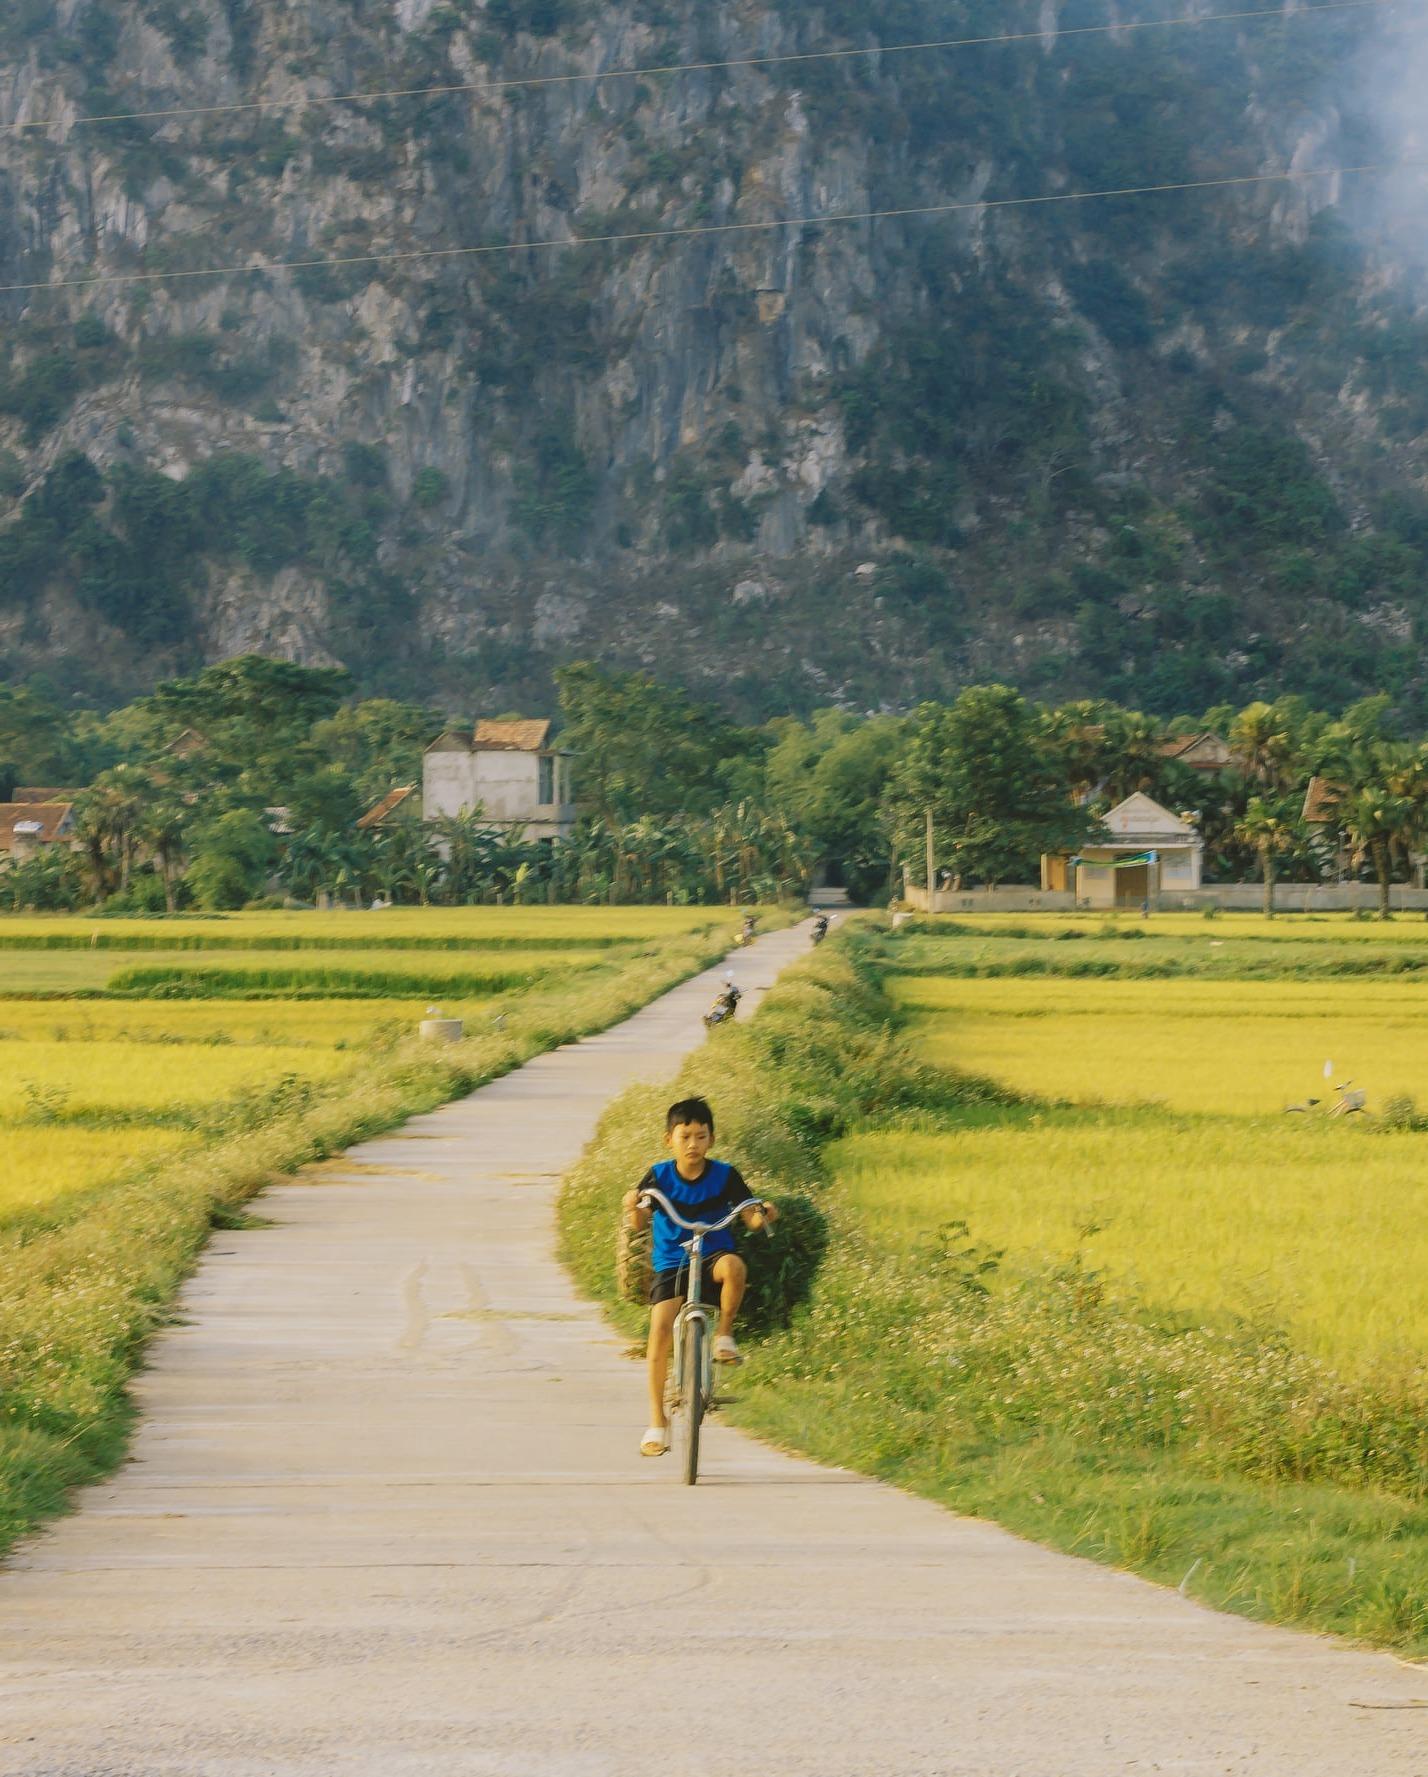 bộ ảnh Cho tôi xin một vé đi tuổi thơ chụp ở Quảng Bình